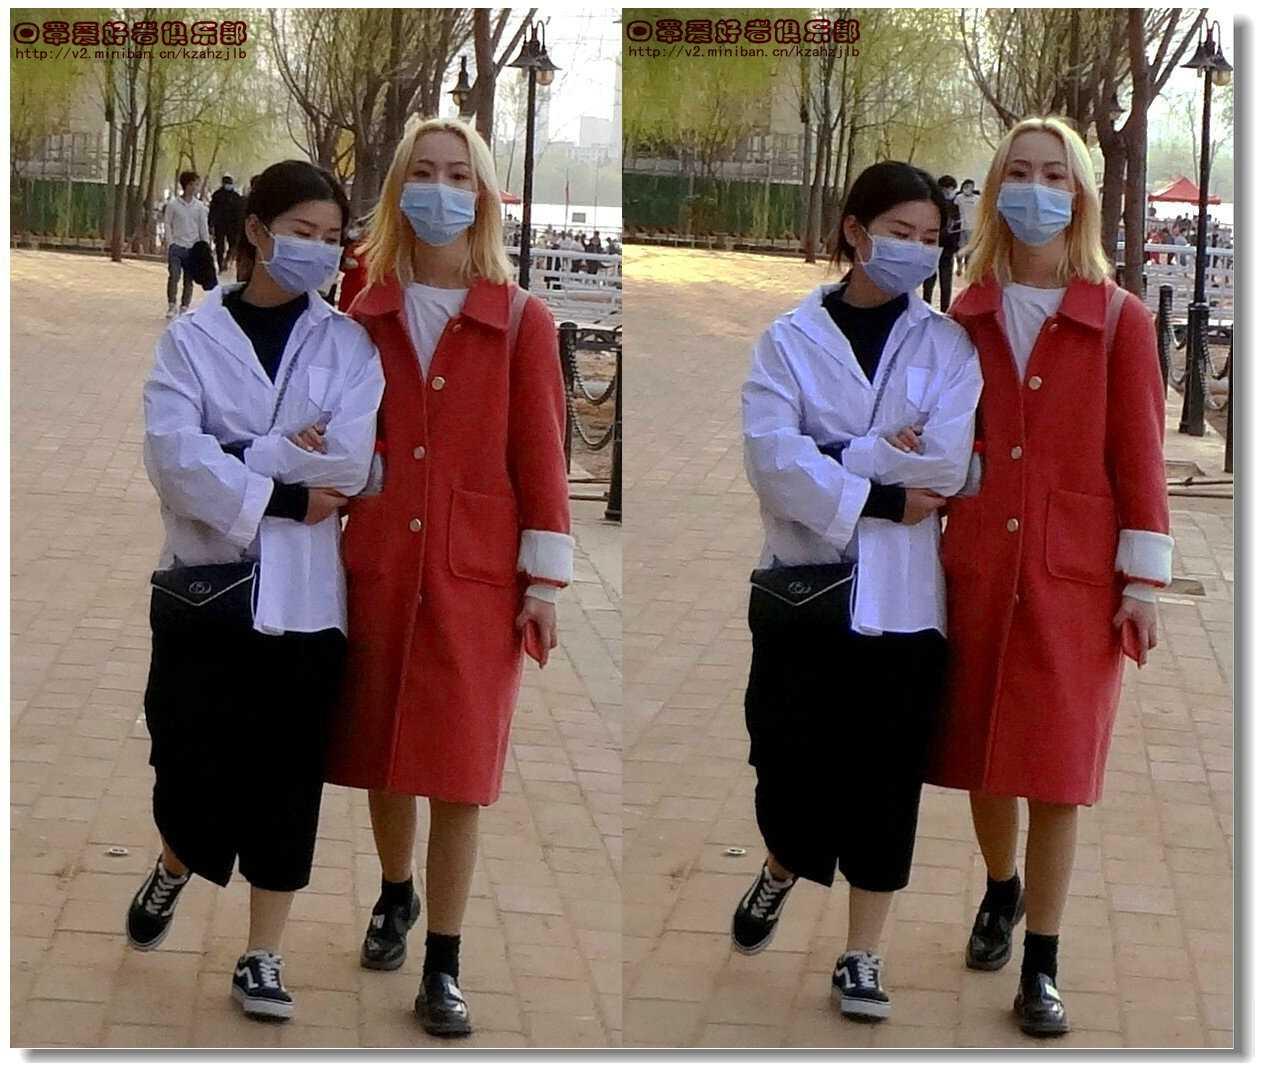 【原创】街拍-戴口罩的人们(续)图2